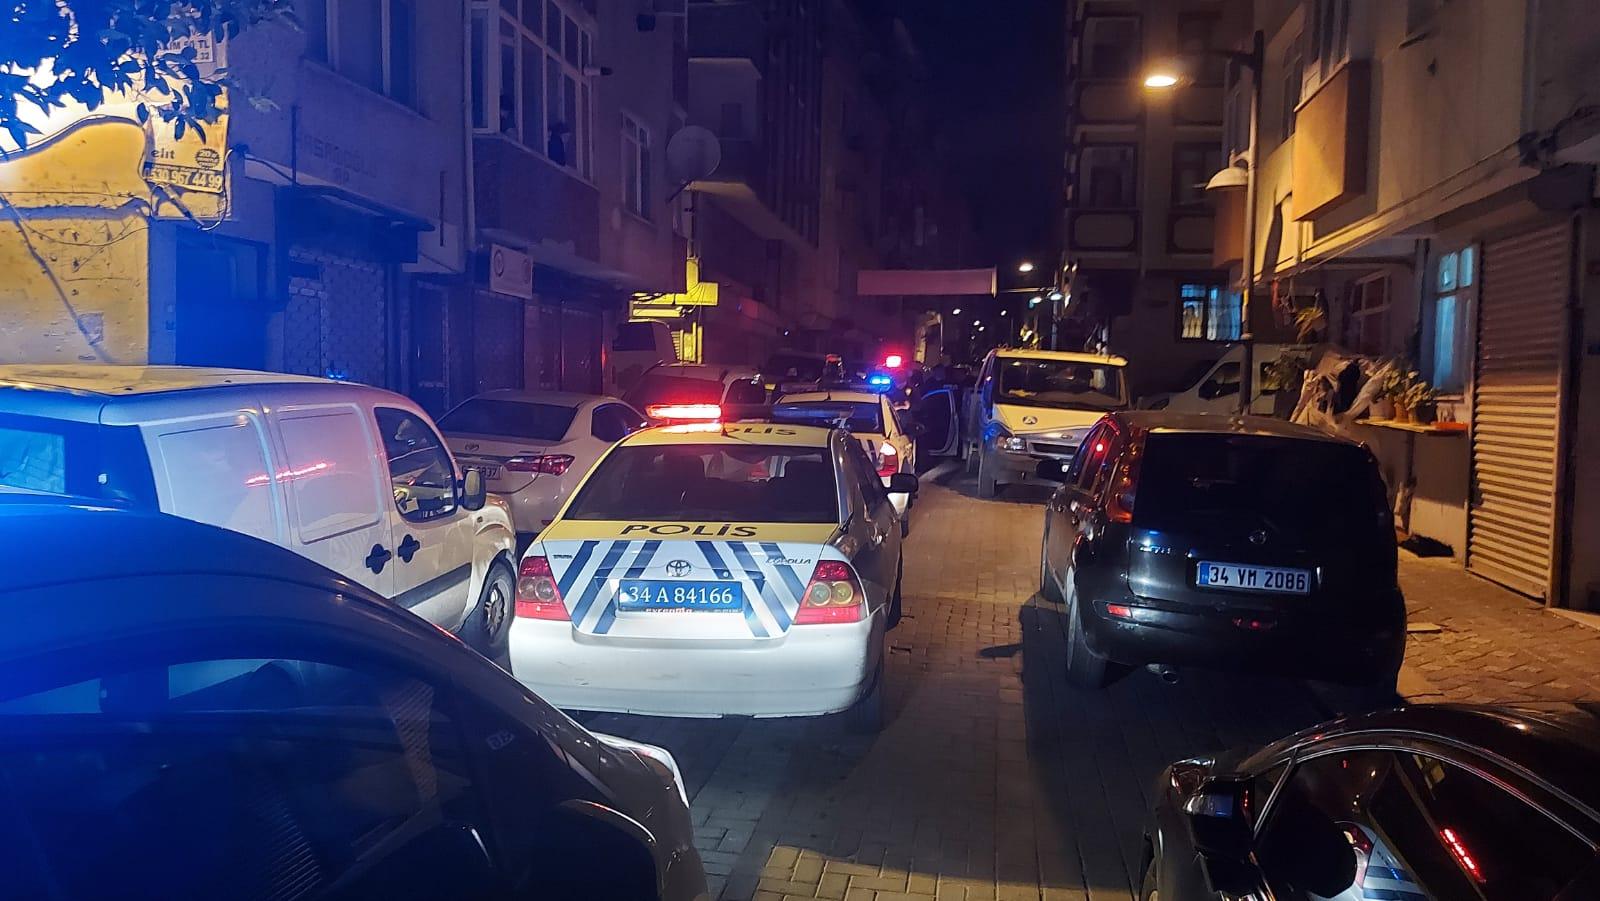 Zeytinburnu'nda Polisten kaçtılar, cezadan kurtulamadılar